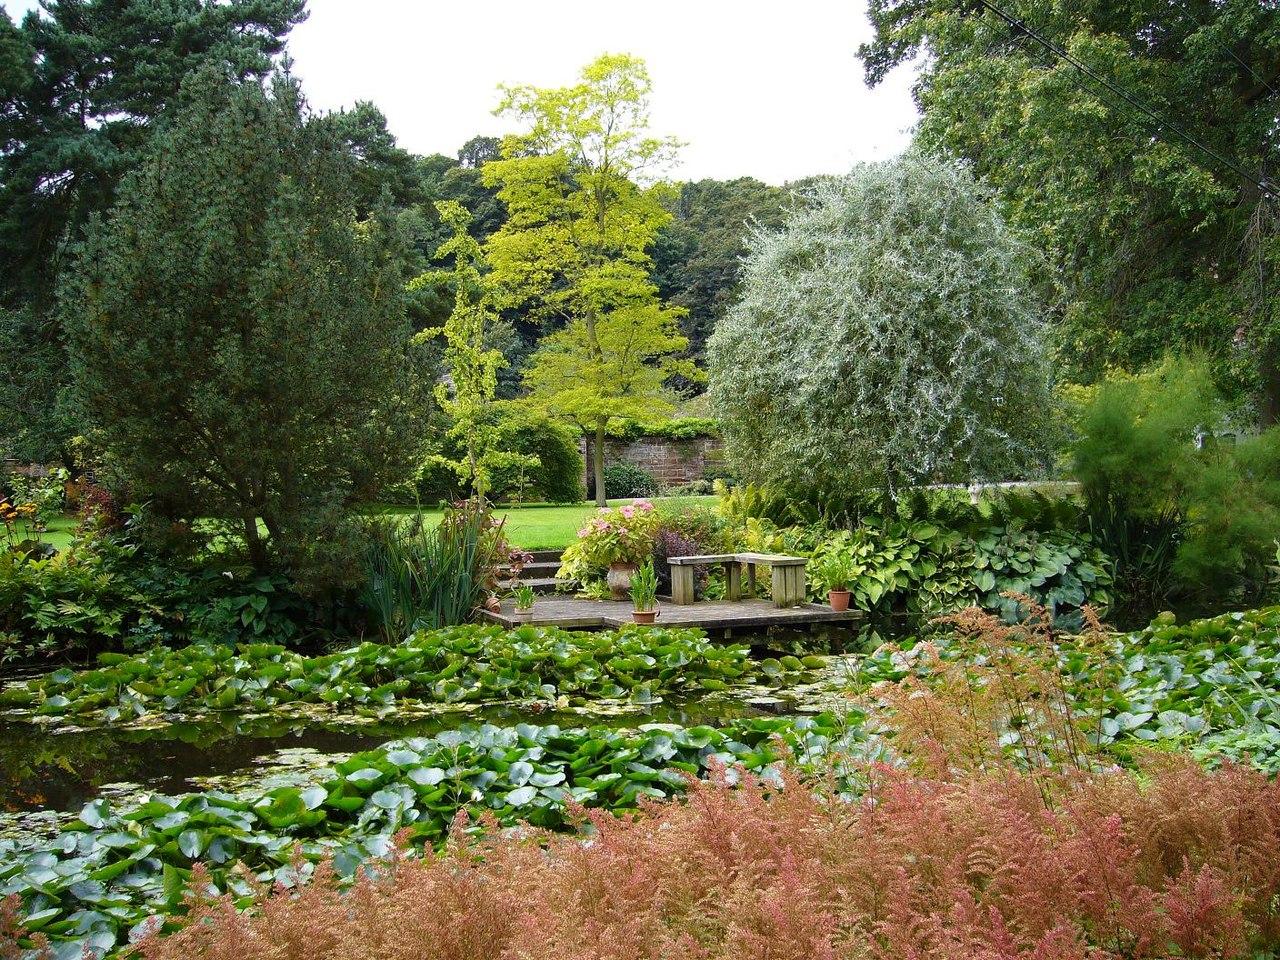 El jardín inglés es un estilo informal de jardín